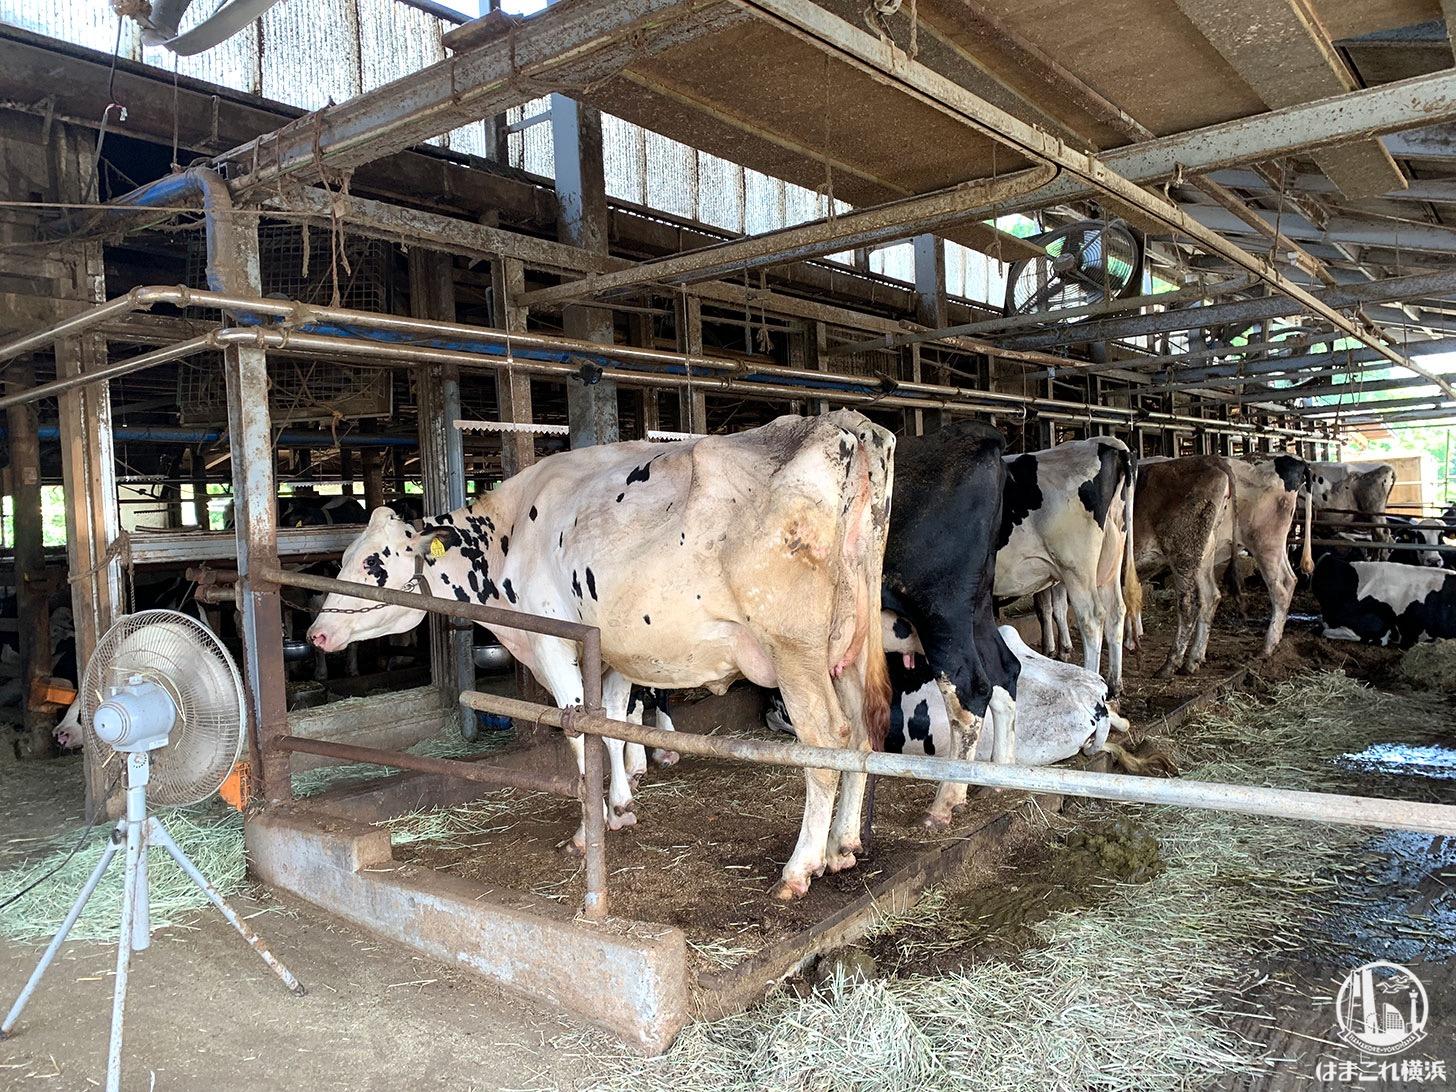 オーガスタミルクファーム(相澤良牧場)牛